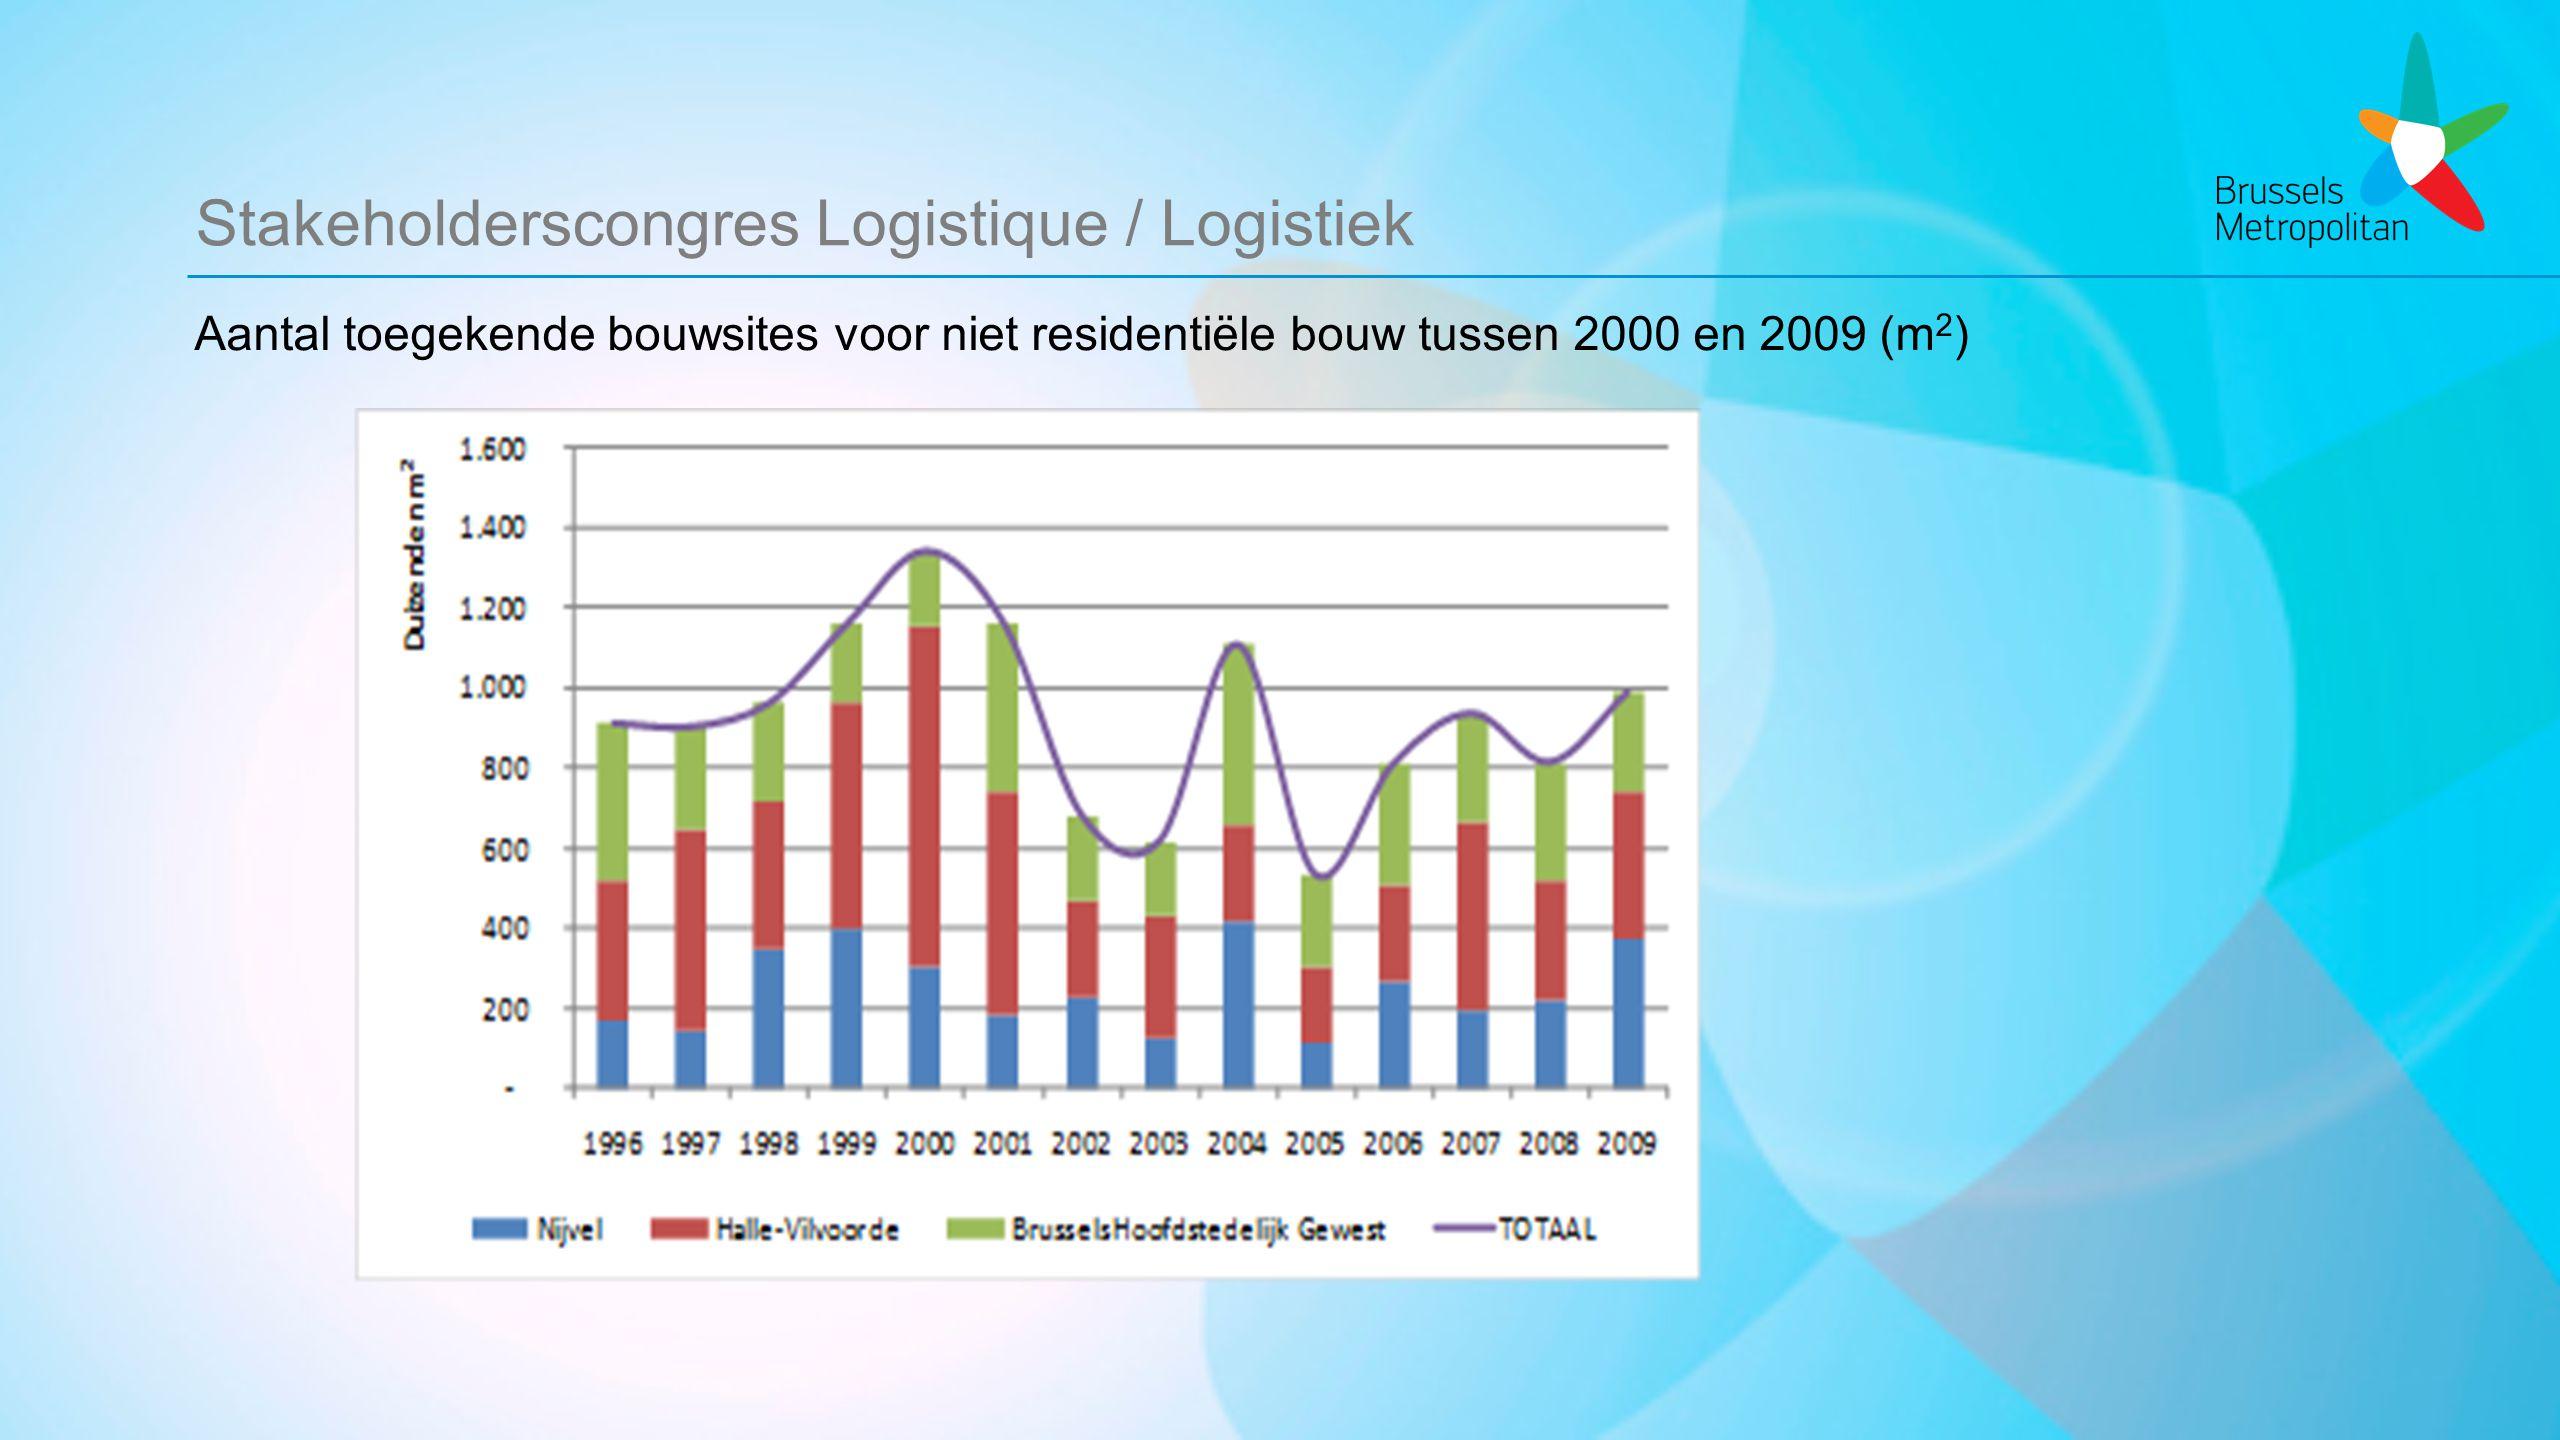 Stakeholderscongres Logistique / Logistiek Aantal toegekende bouwsites voor niet residentiële bouw tussen 2000 en 2009 (m 2 )